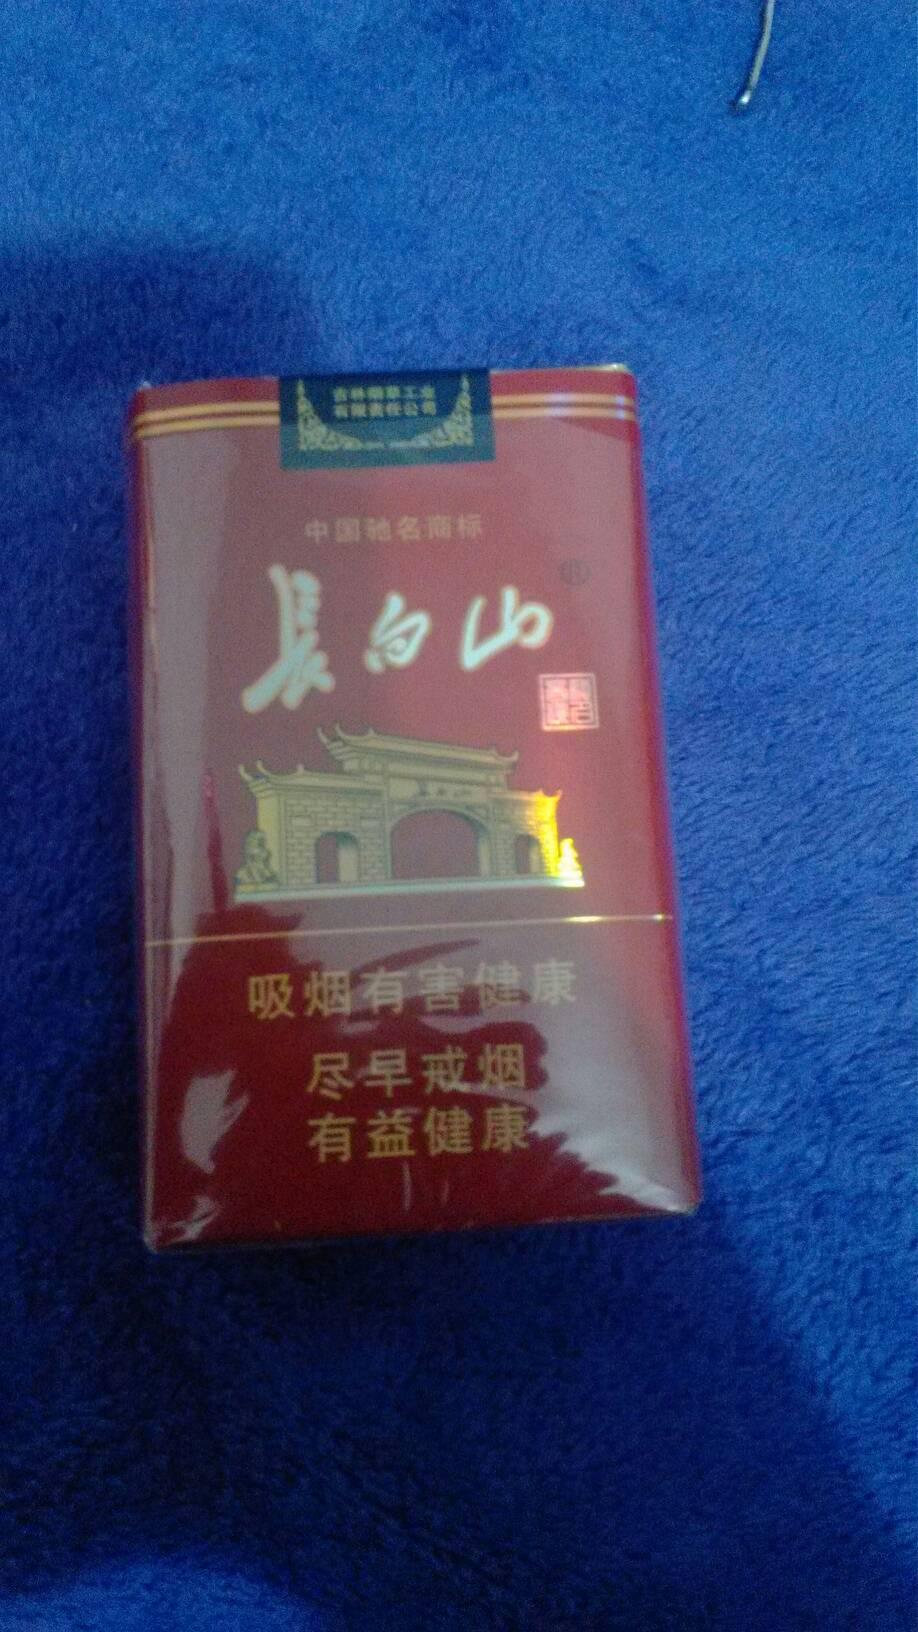 长白山香烟最贵多少钱